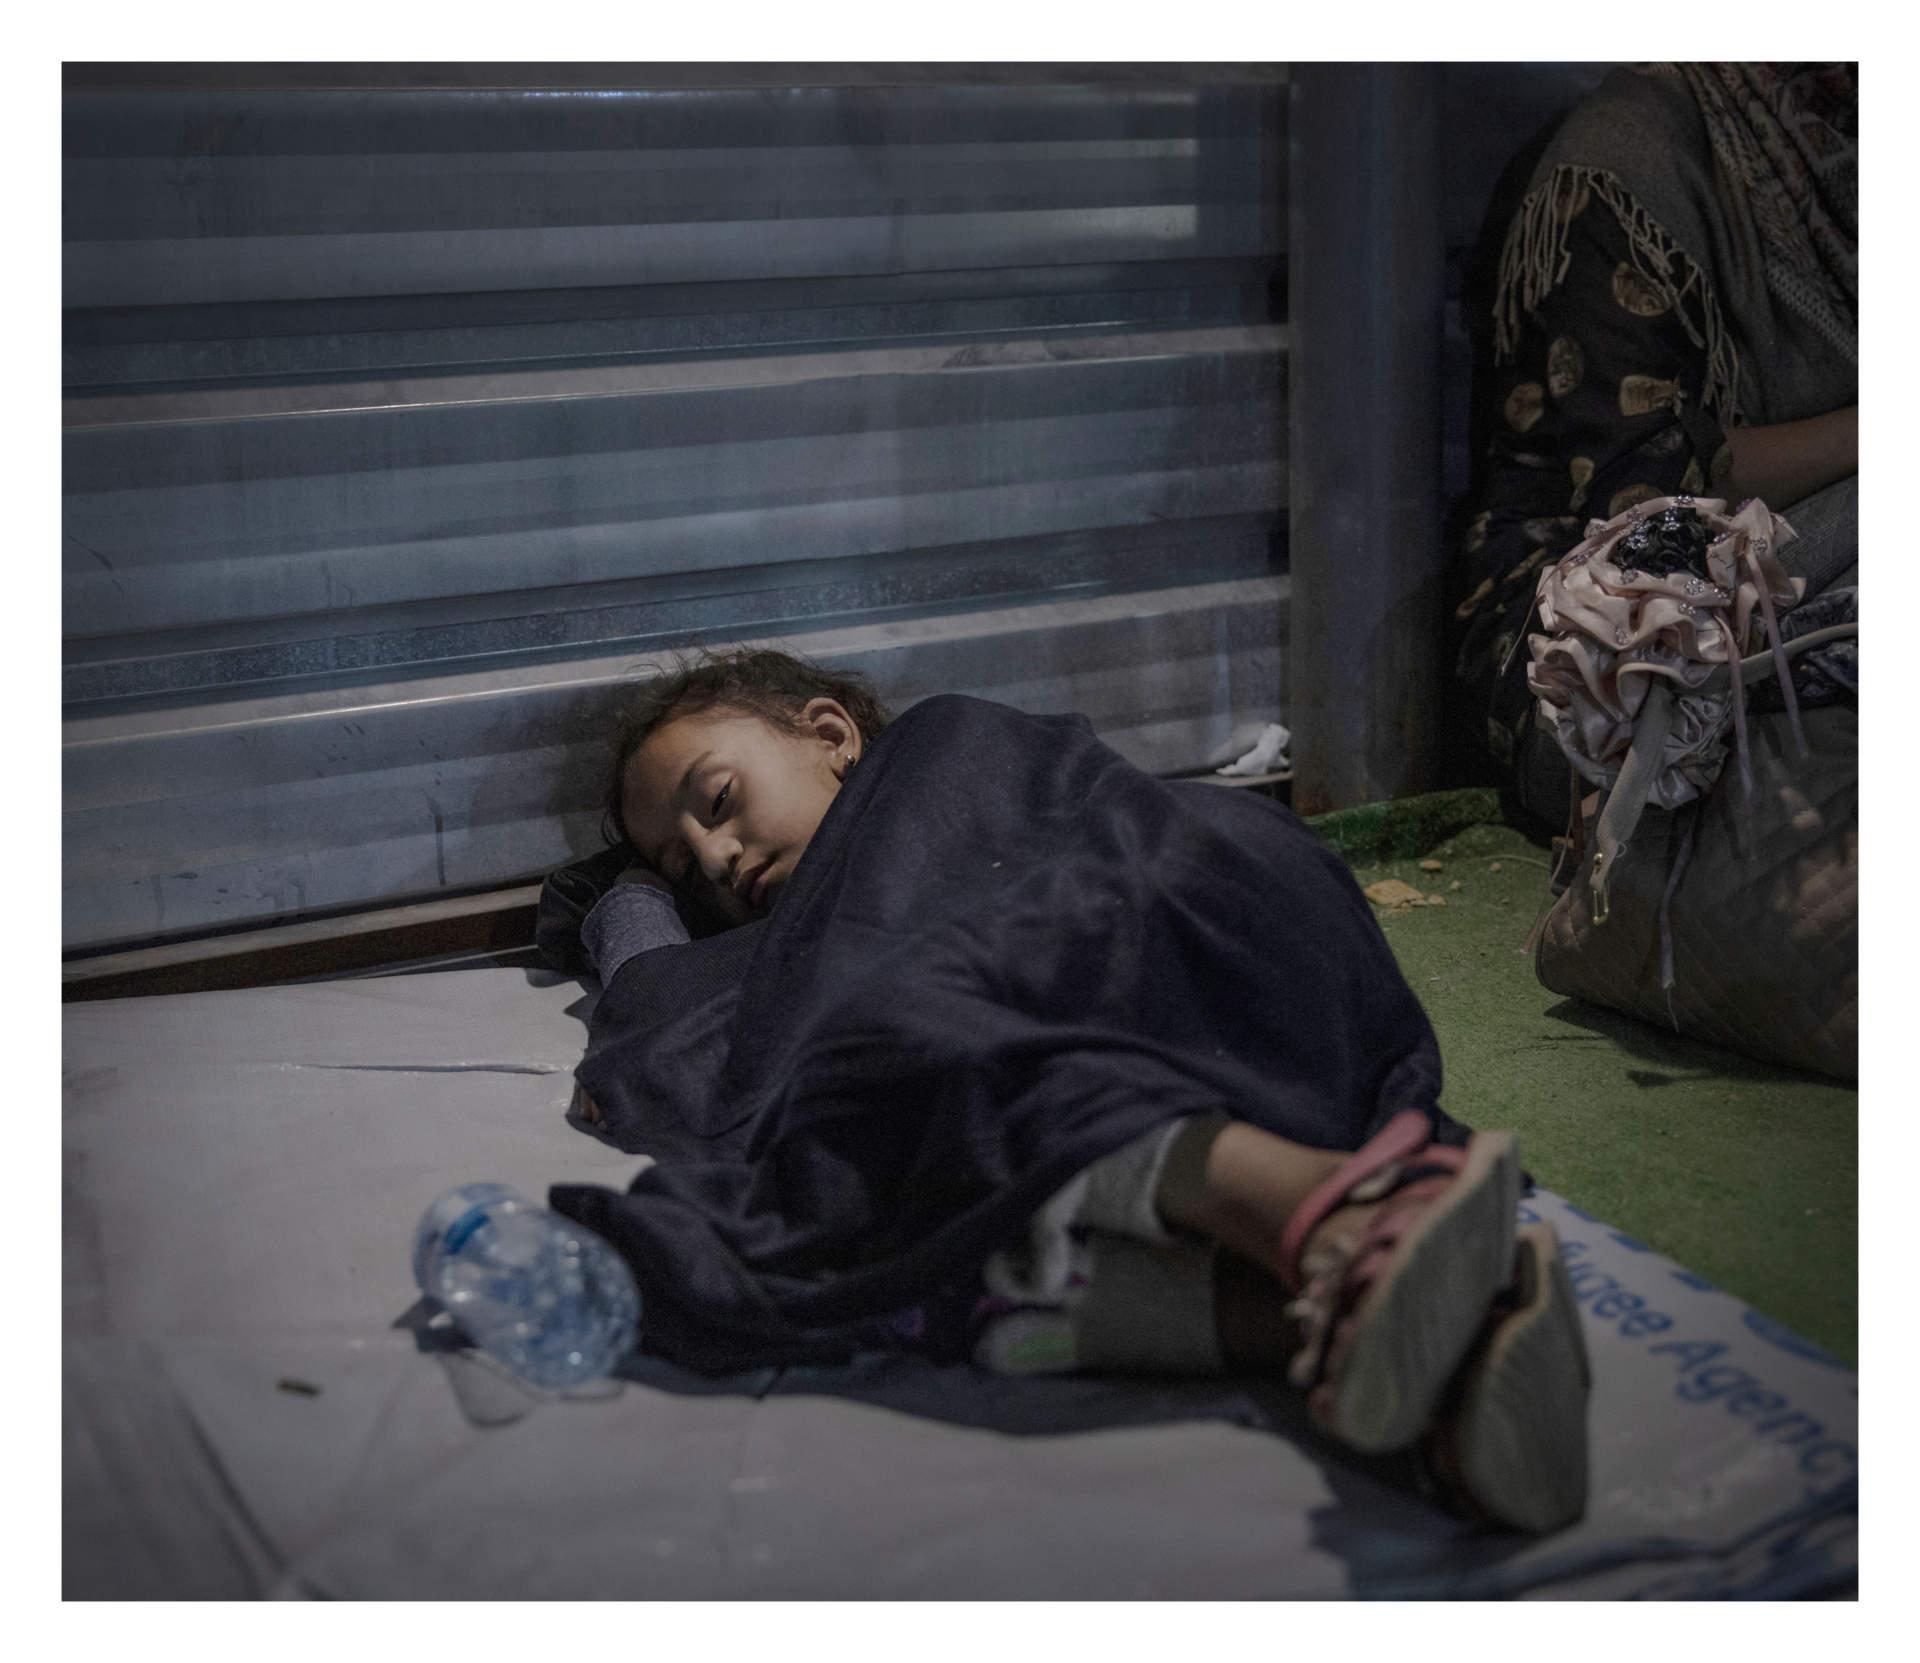 Fryad, 6 år.  BARDARASH, IRAKISKA KURDISTAN. Fryad och hennes familj tvingades fly från staden Amuda i norra Syrien näa den Turkiska gränsen. Nu sover hon på en vit presenning på golvet utanför flyktinglägret Bardarash i Irakiska Kurdistan. Bredvid henne står en ryggsäck och en mindre resväska med de tillhörigheter som familjen lyckats få med sig. Tillsammans med hundratals andra väntar de på ett tält att få övernatta i. Lägret kom till 2013 i massflykten undan IS, men sedan terroristerna besegrades har det varit övergivet. Tills nu. Familjen vet inte om och när de kan återvända hem igen.